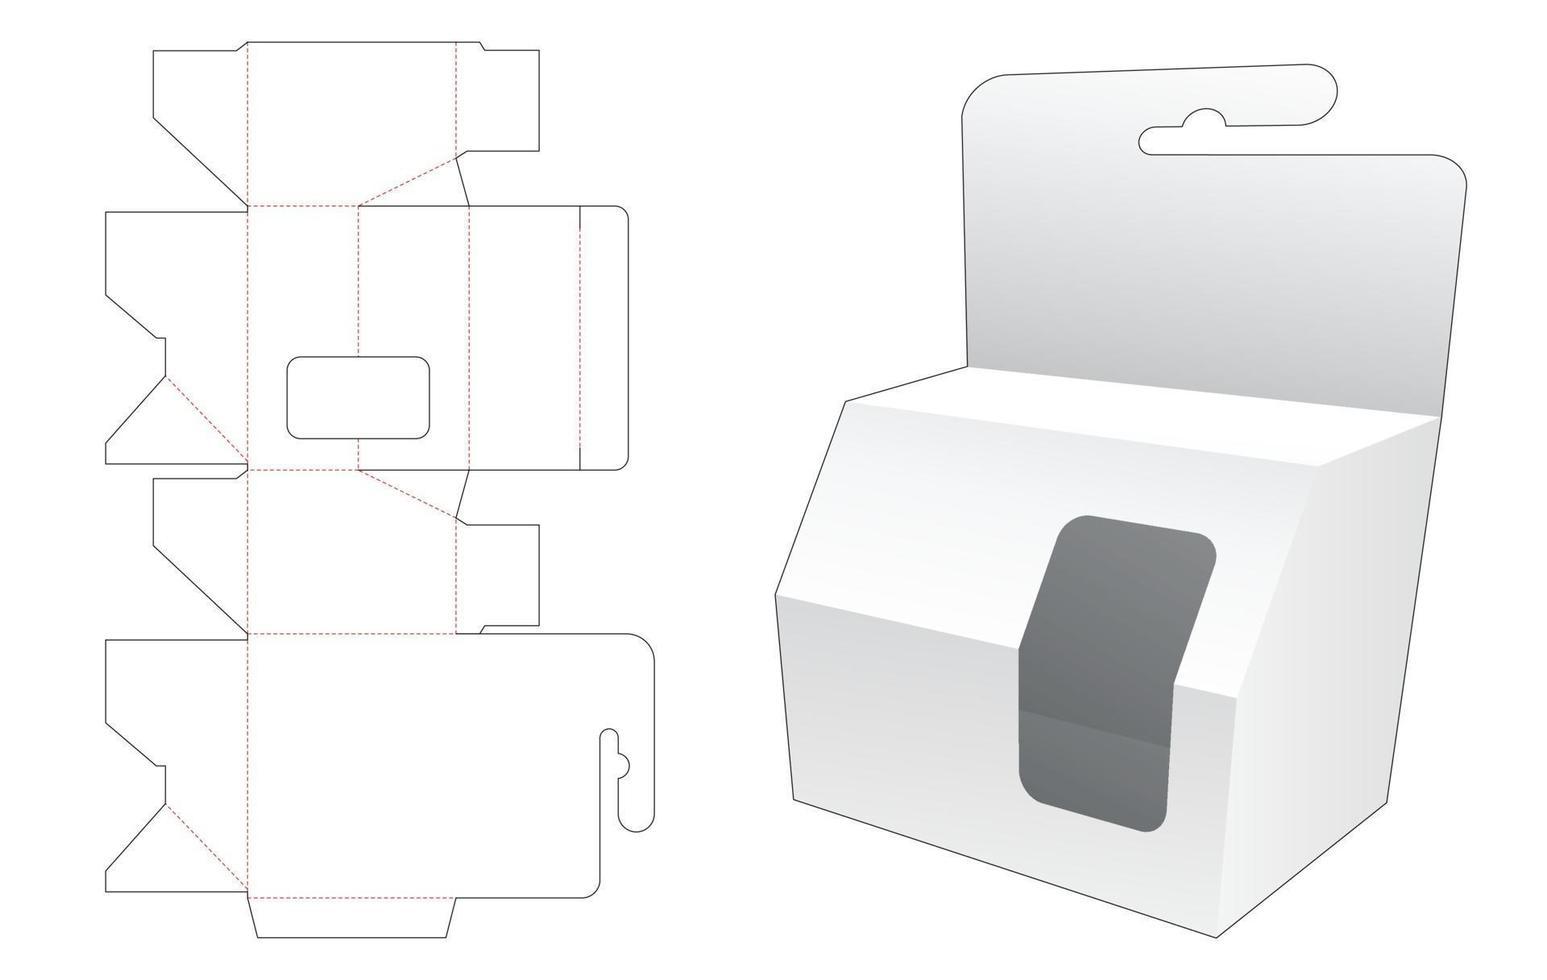 caixa de embalagem chanfrada pendurada com molde de janela cortada vetor